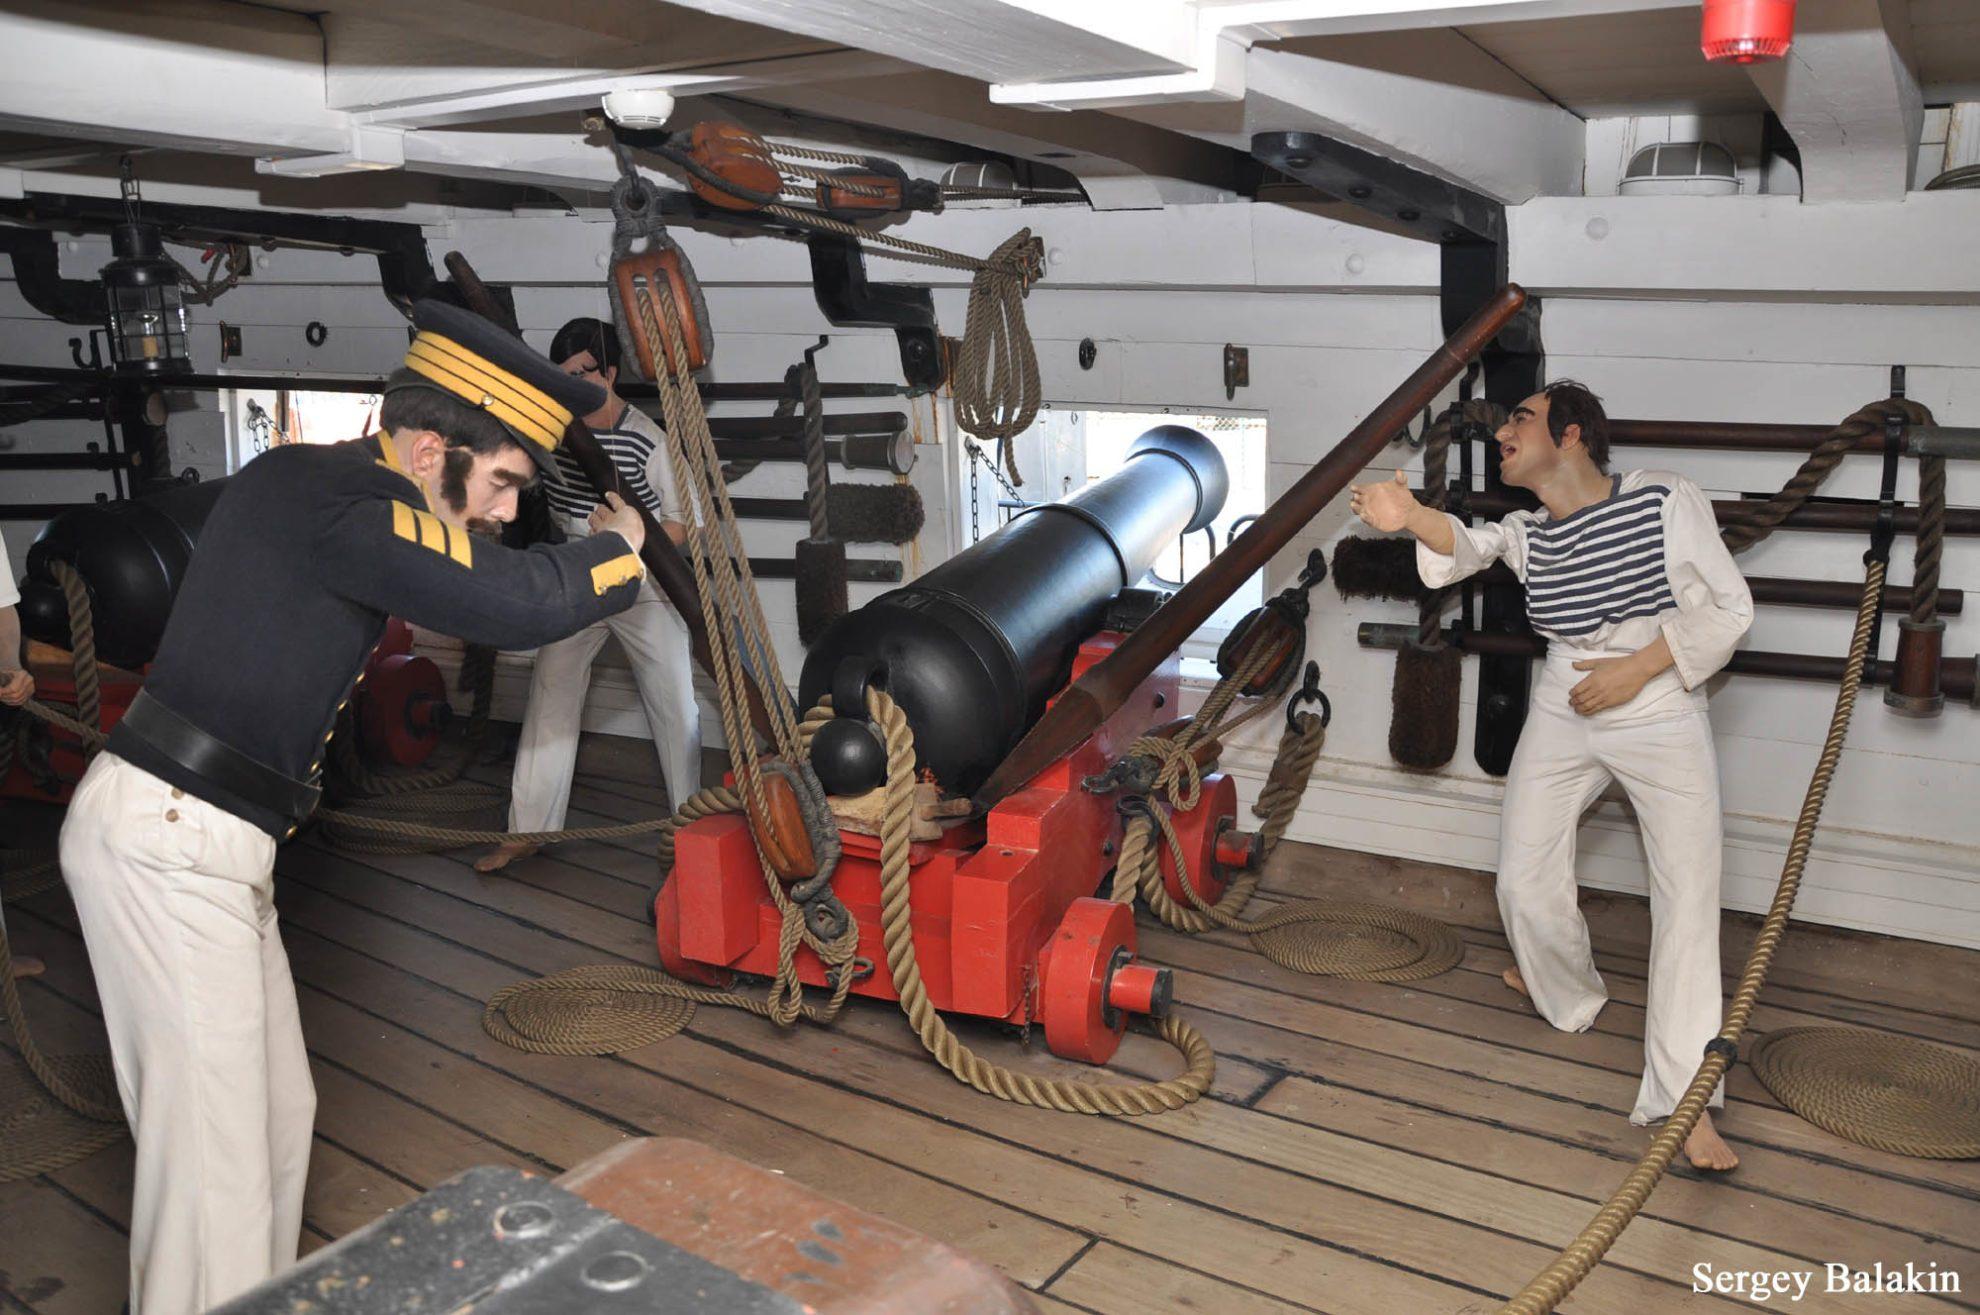 Манекены изображают прислугу 18-фунтового орудия нижнего дека.